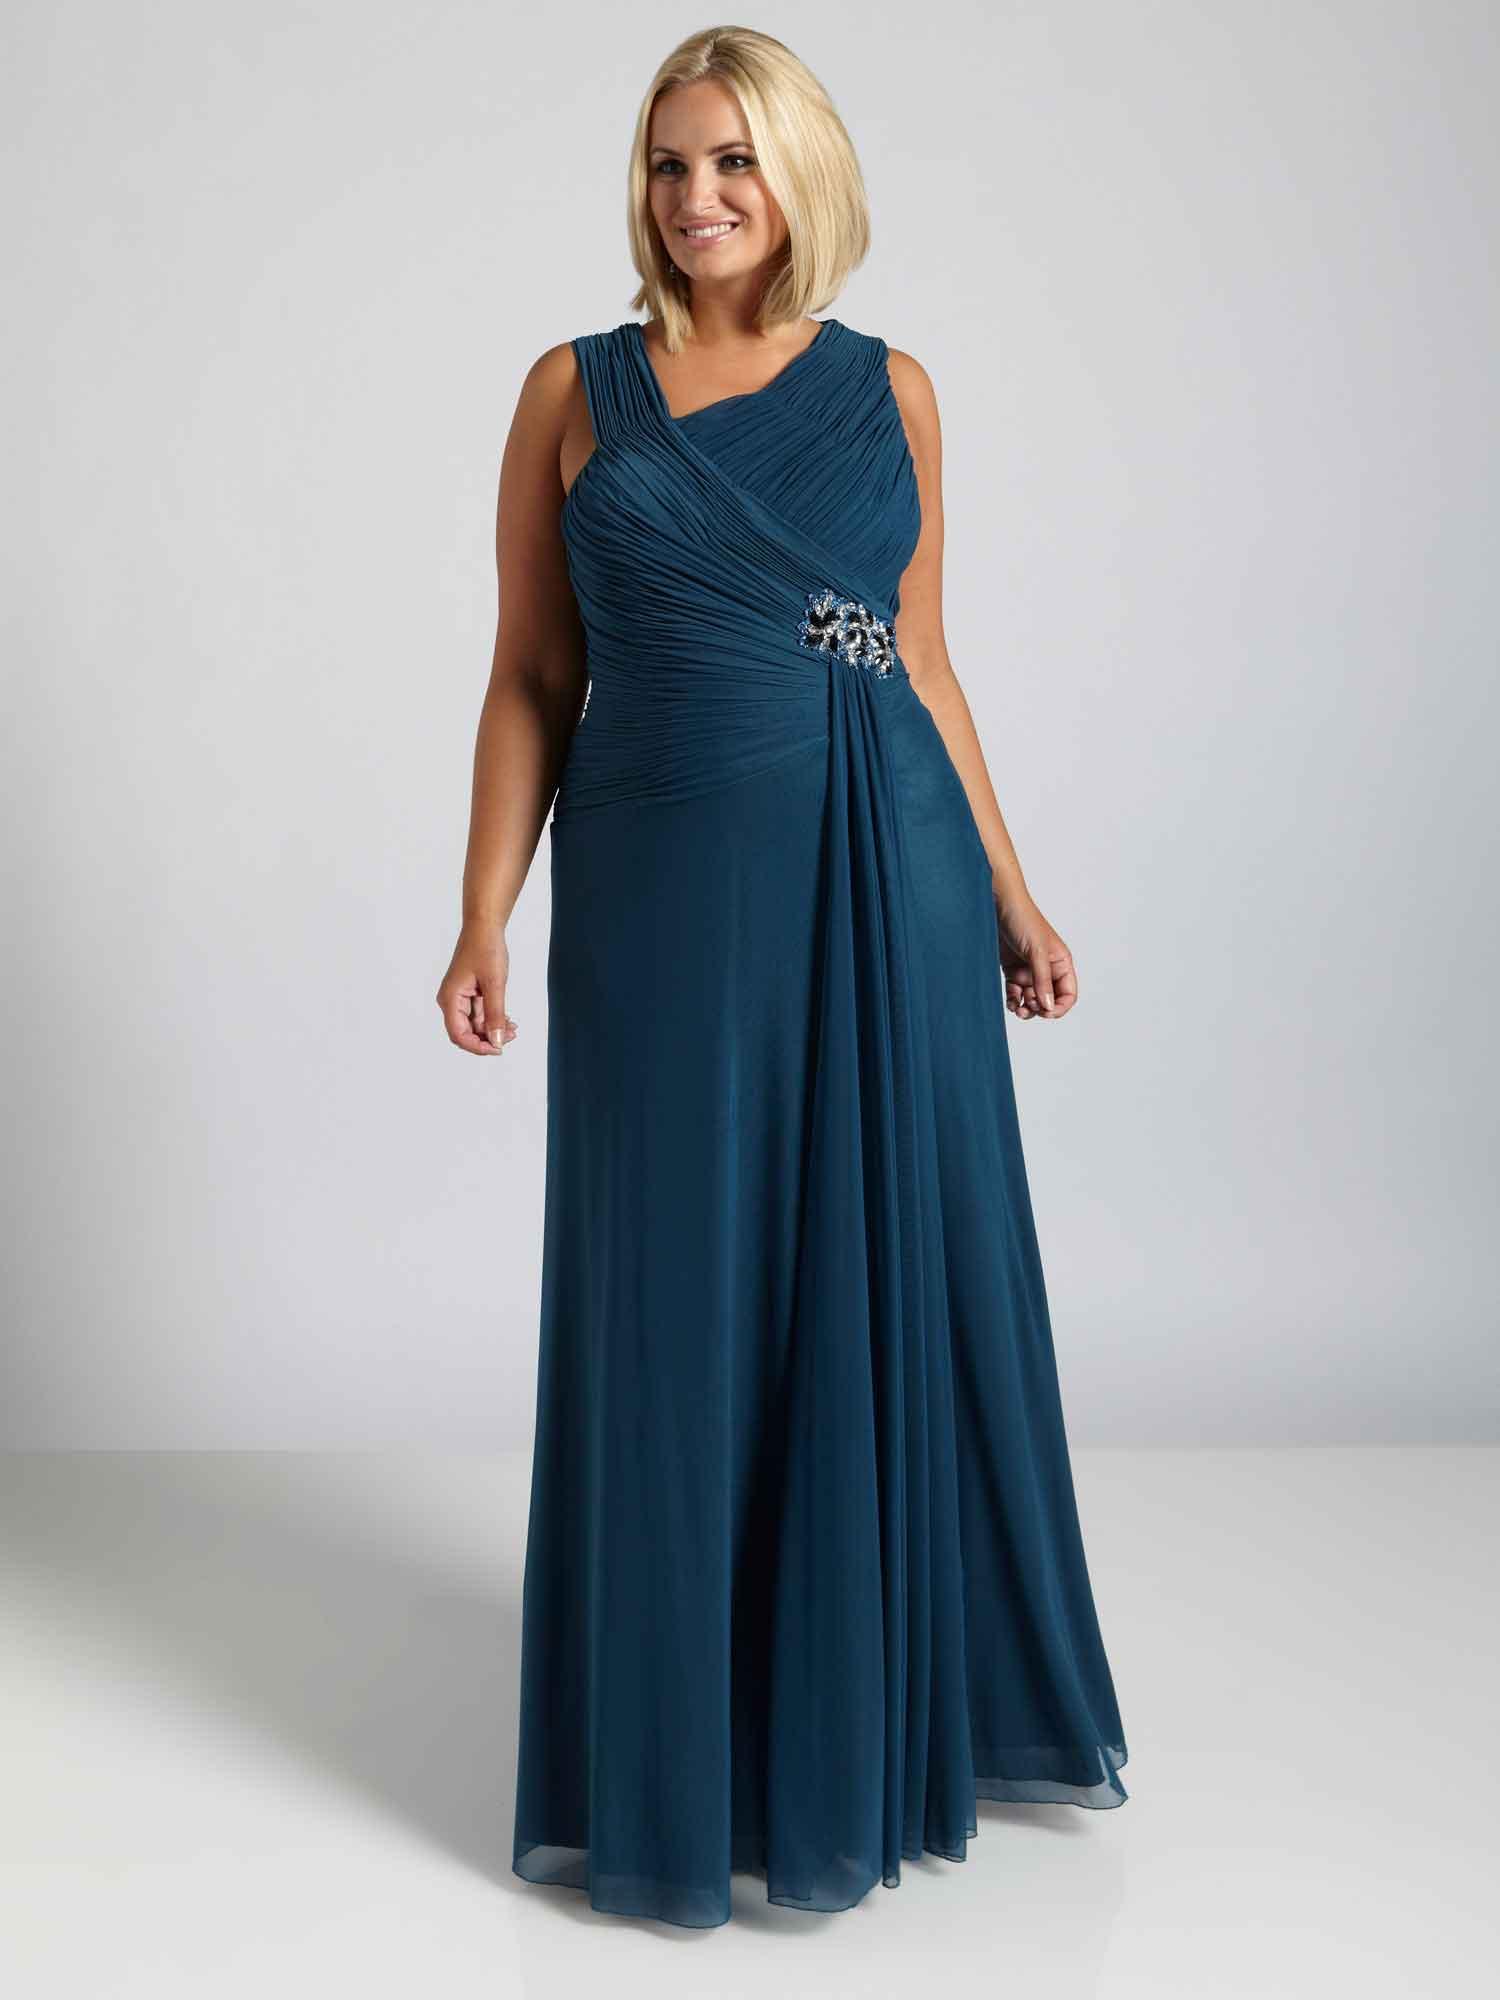 Ärmellose Abendkleider in Übergröße - Darius Cordell Fashion Ltd